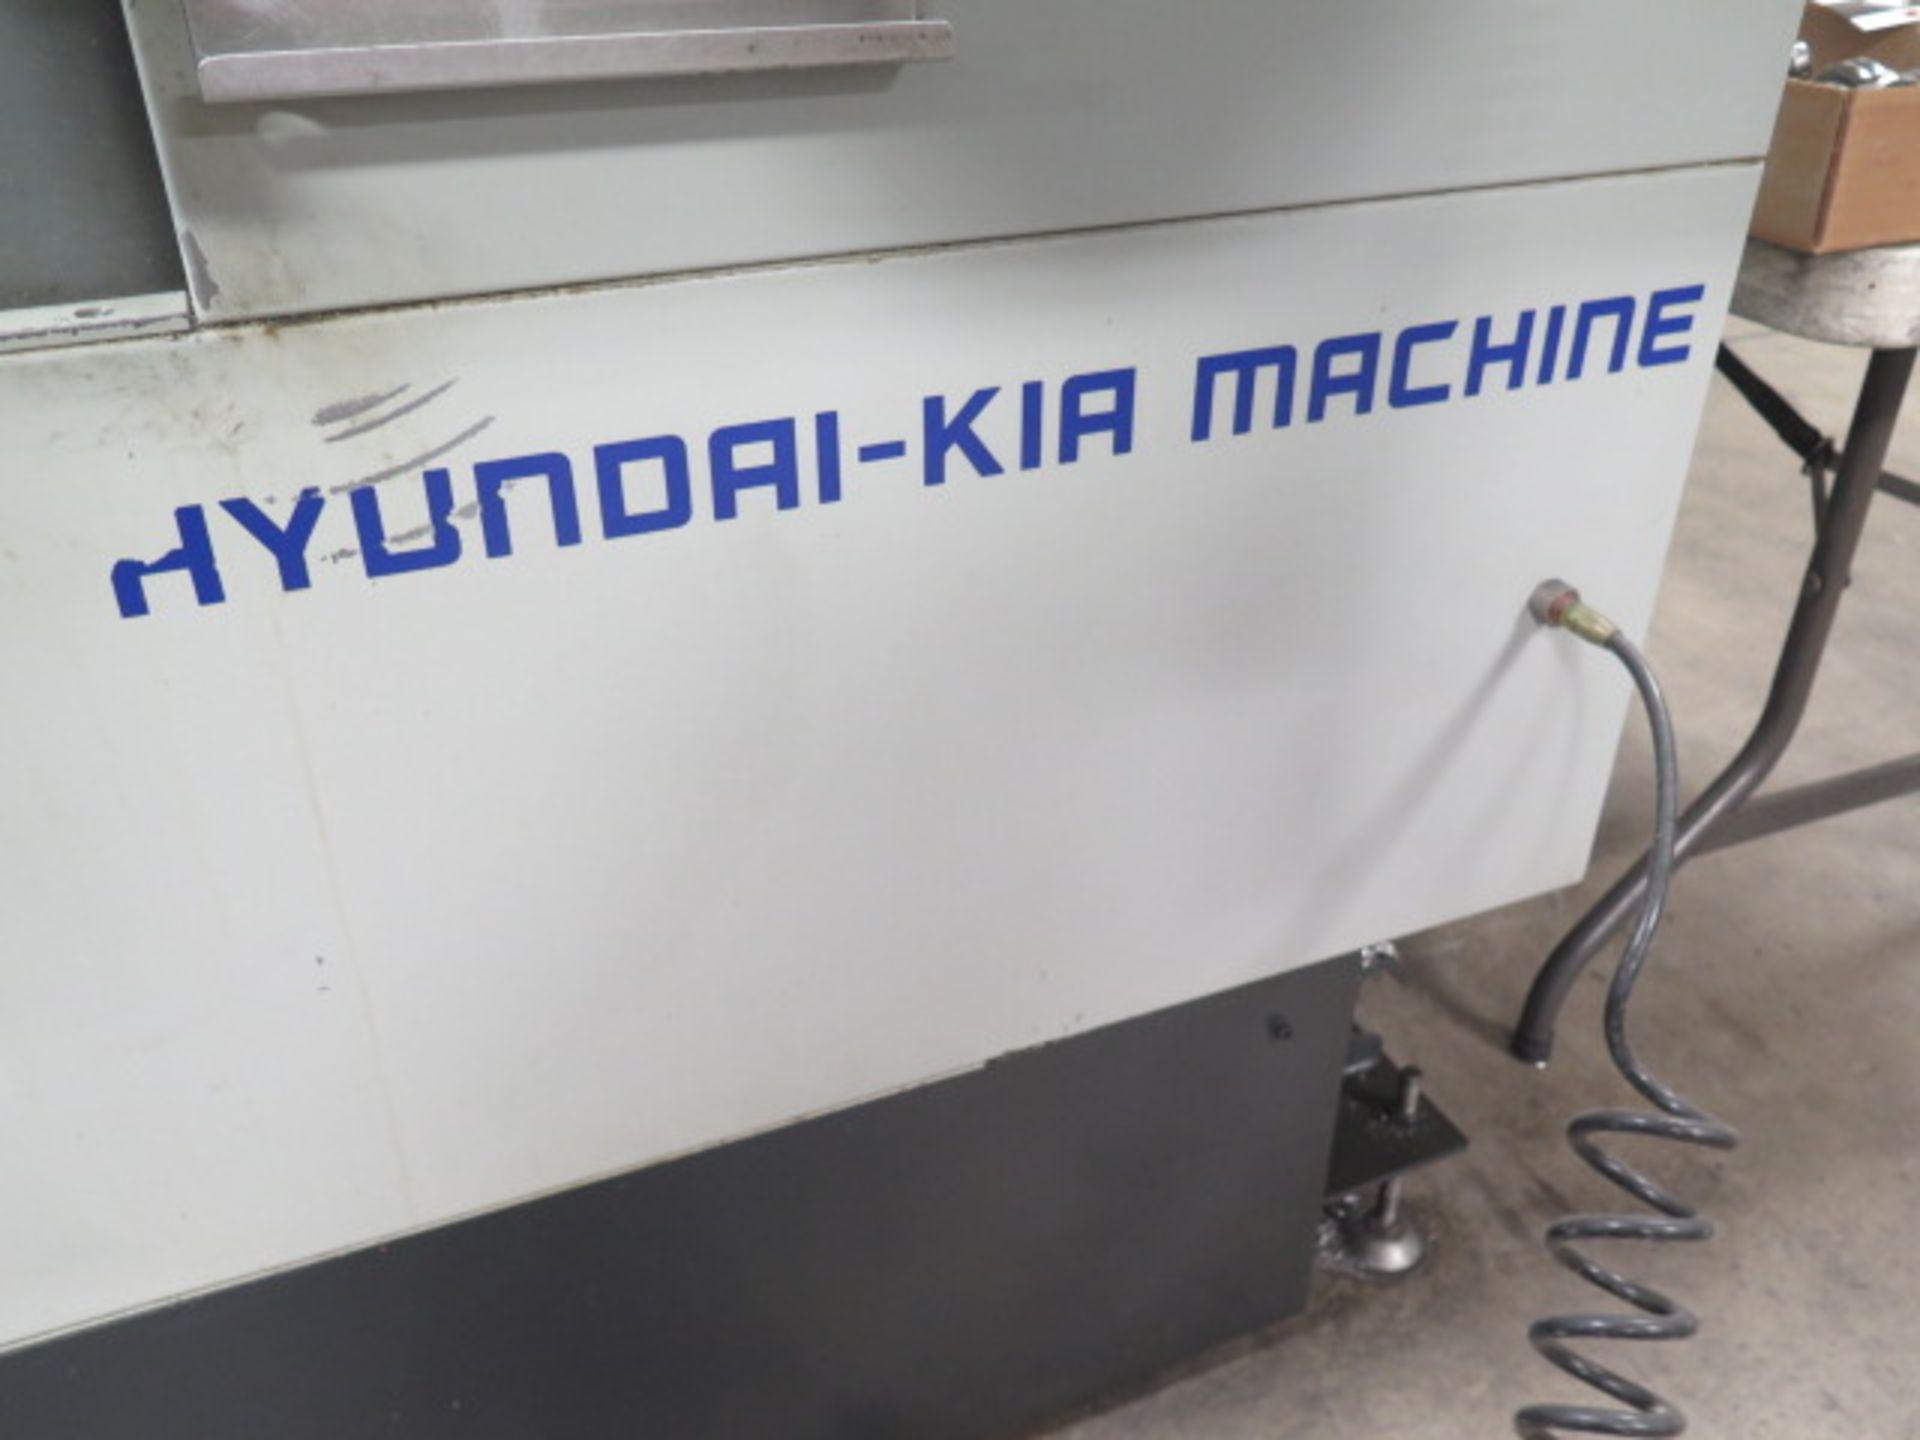 2004 Hyundai WIA VX500 4-Axis CNC VMC s/n VX5000882 w/ Hyundai WIA Fanuc i- Series, SOLD AS IS - Image 4 of 23